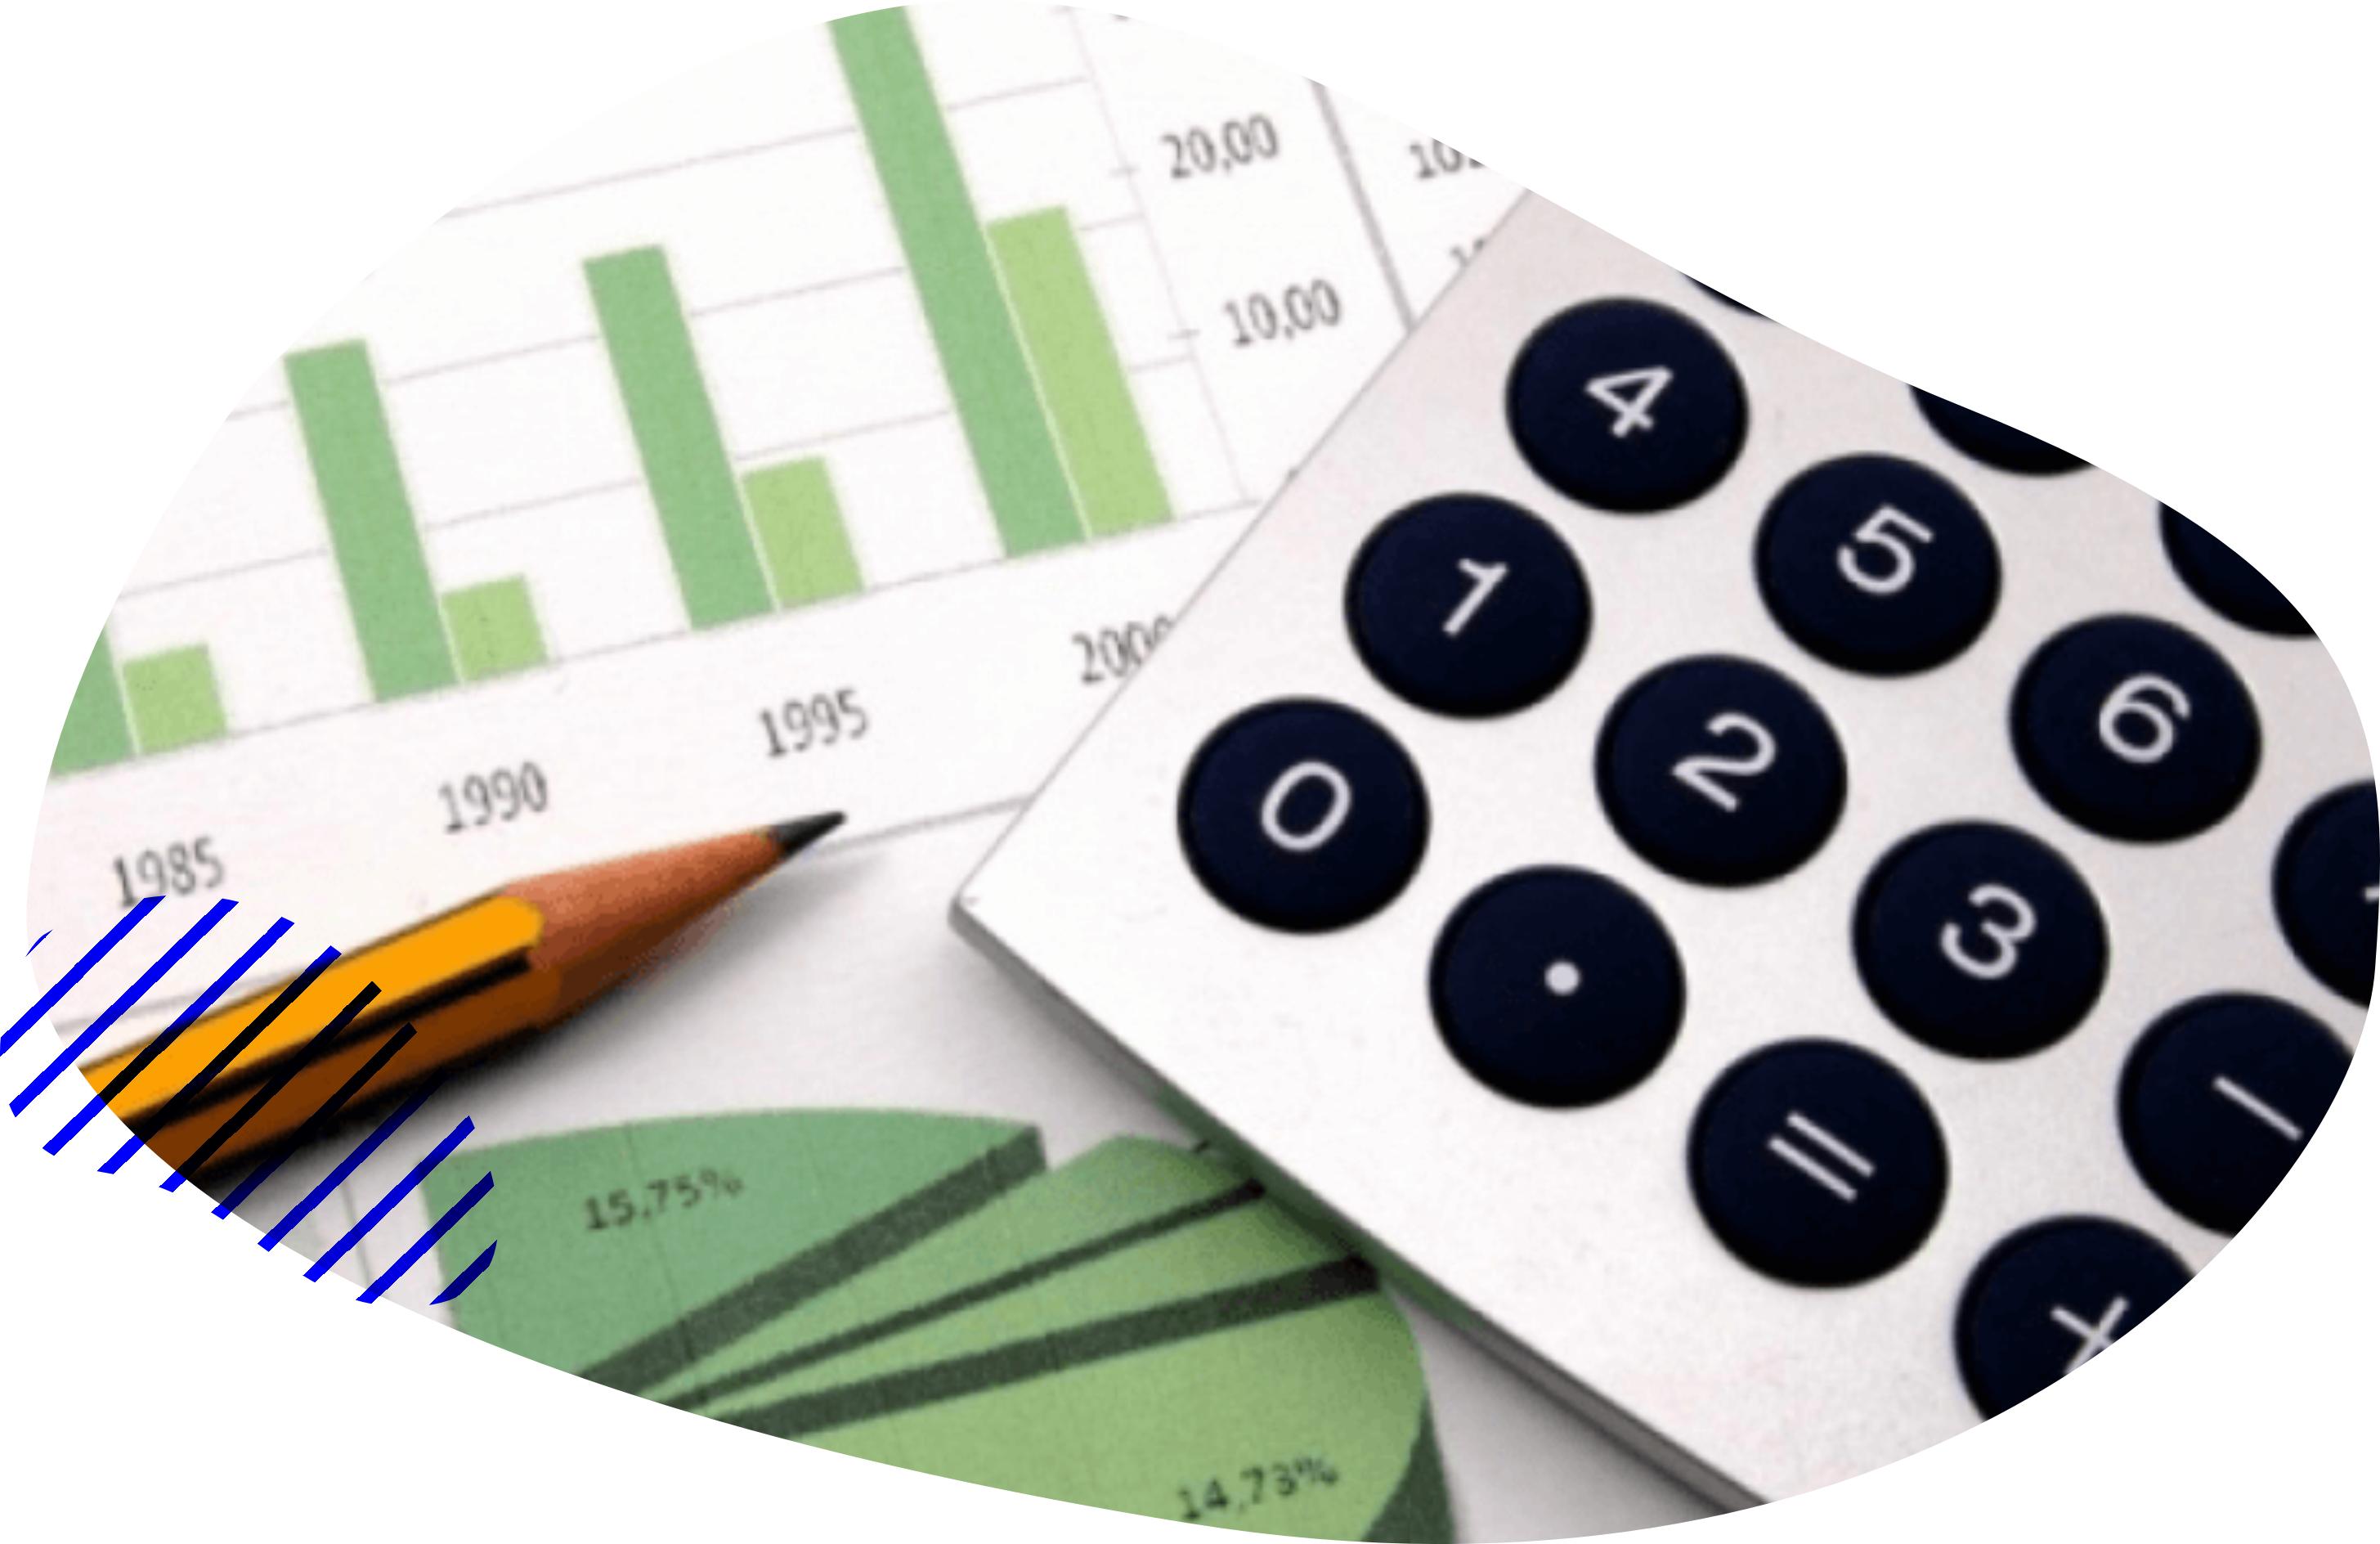 fbb16c3e2b0a Como estimar o faturamento mensal de uma empresa | Sebrae